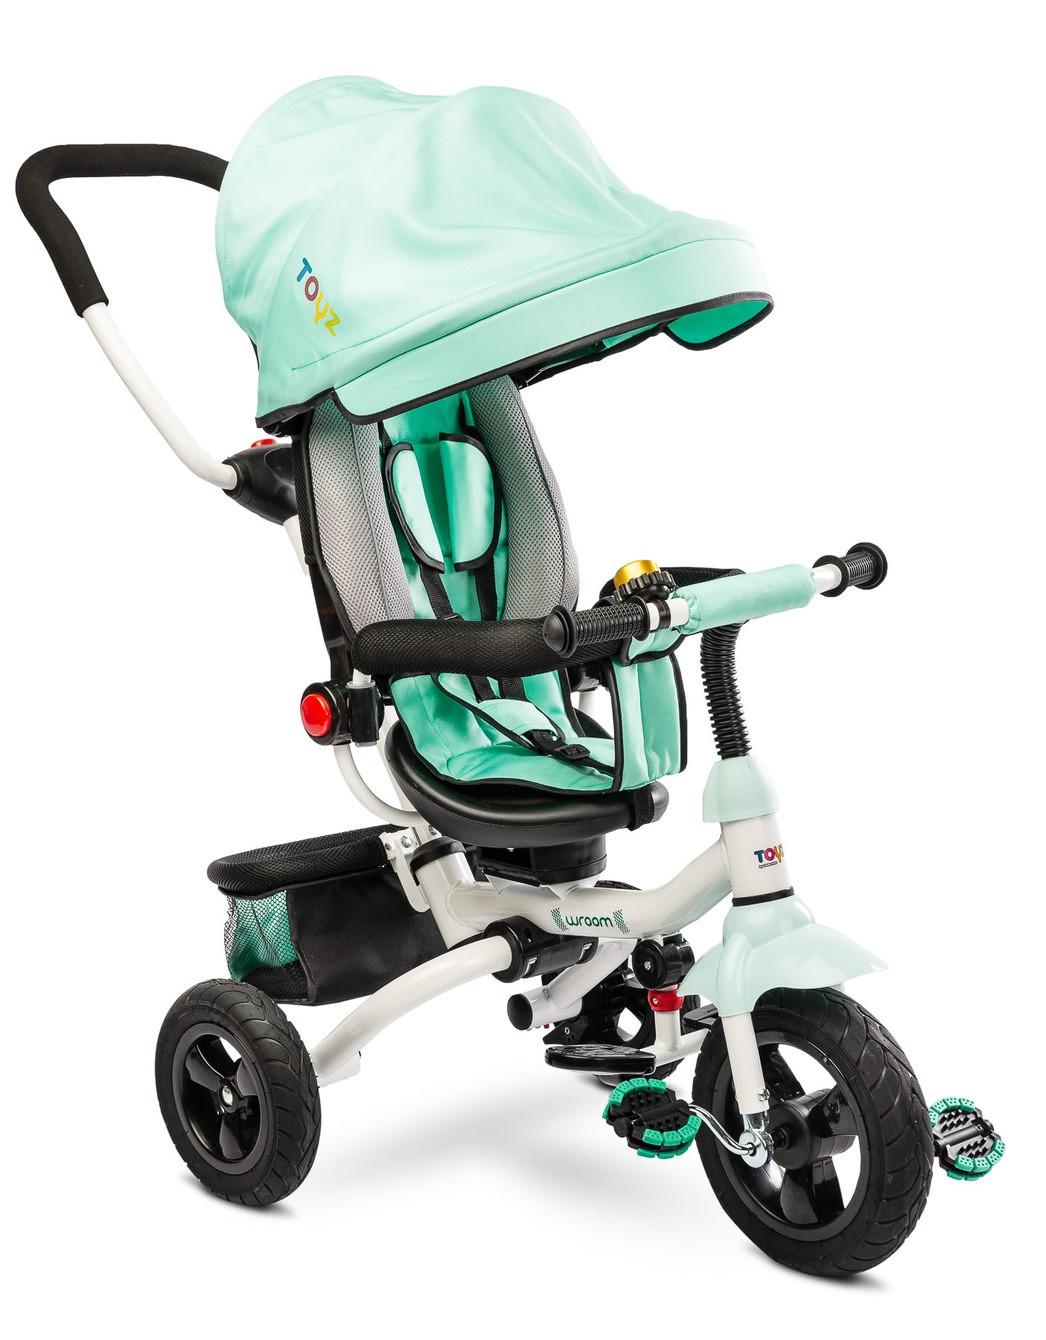 Dětská tříkolka Toyz WROOM turquoise, (barva tyrkysová)